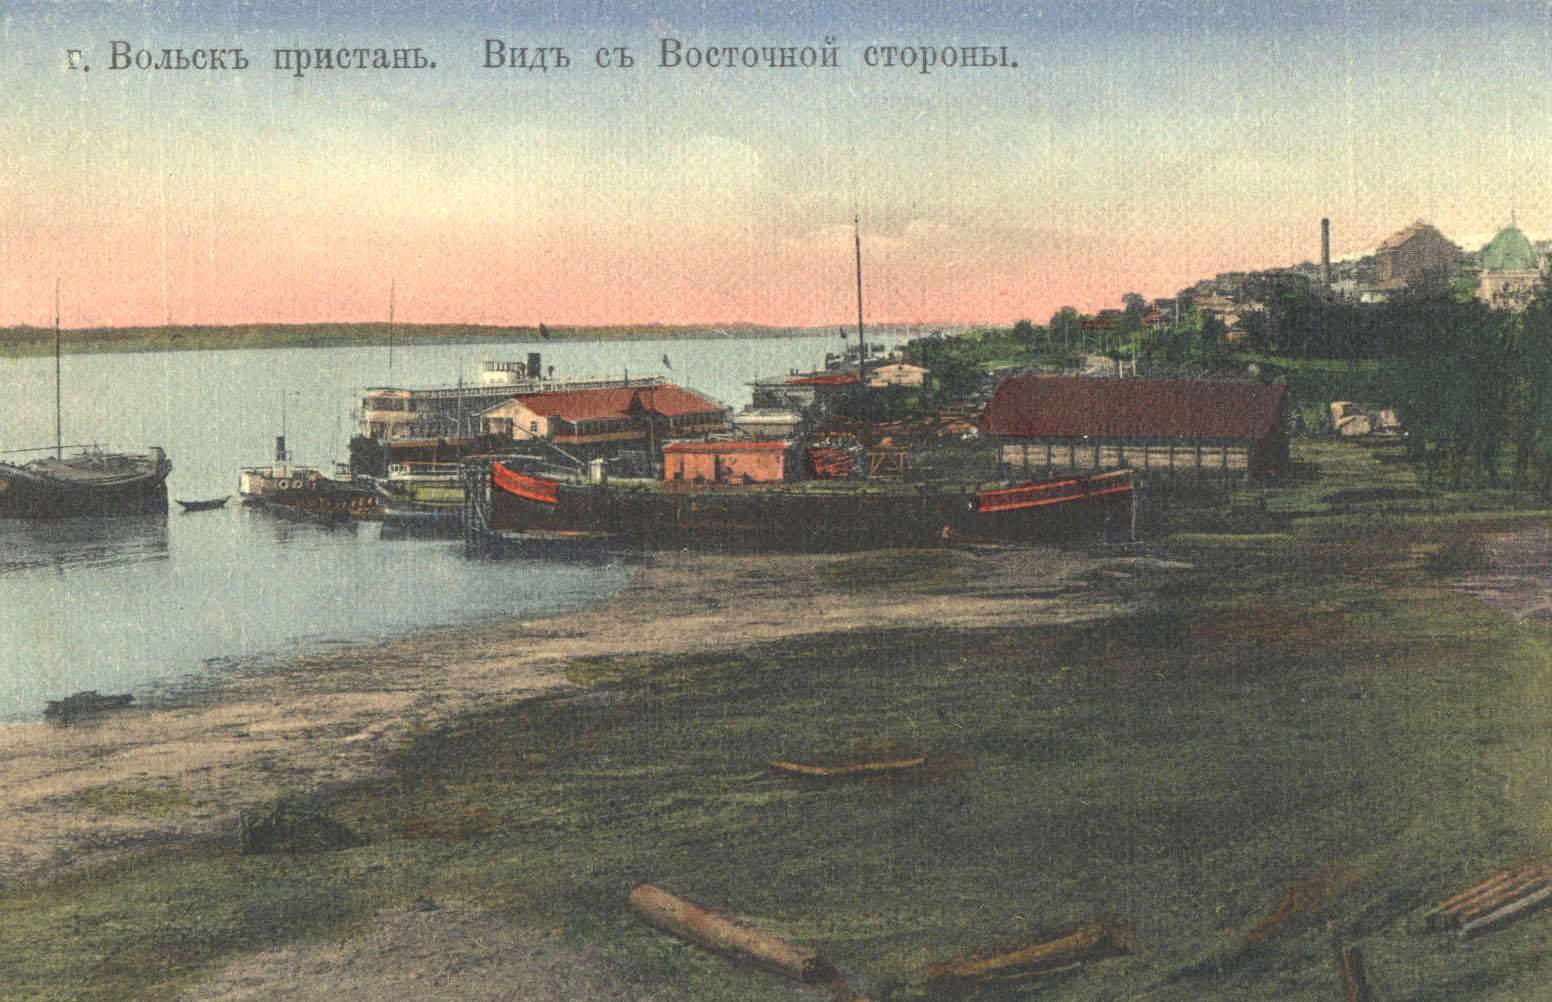 Пристань. Вид с Восточной стороны